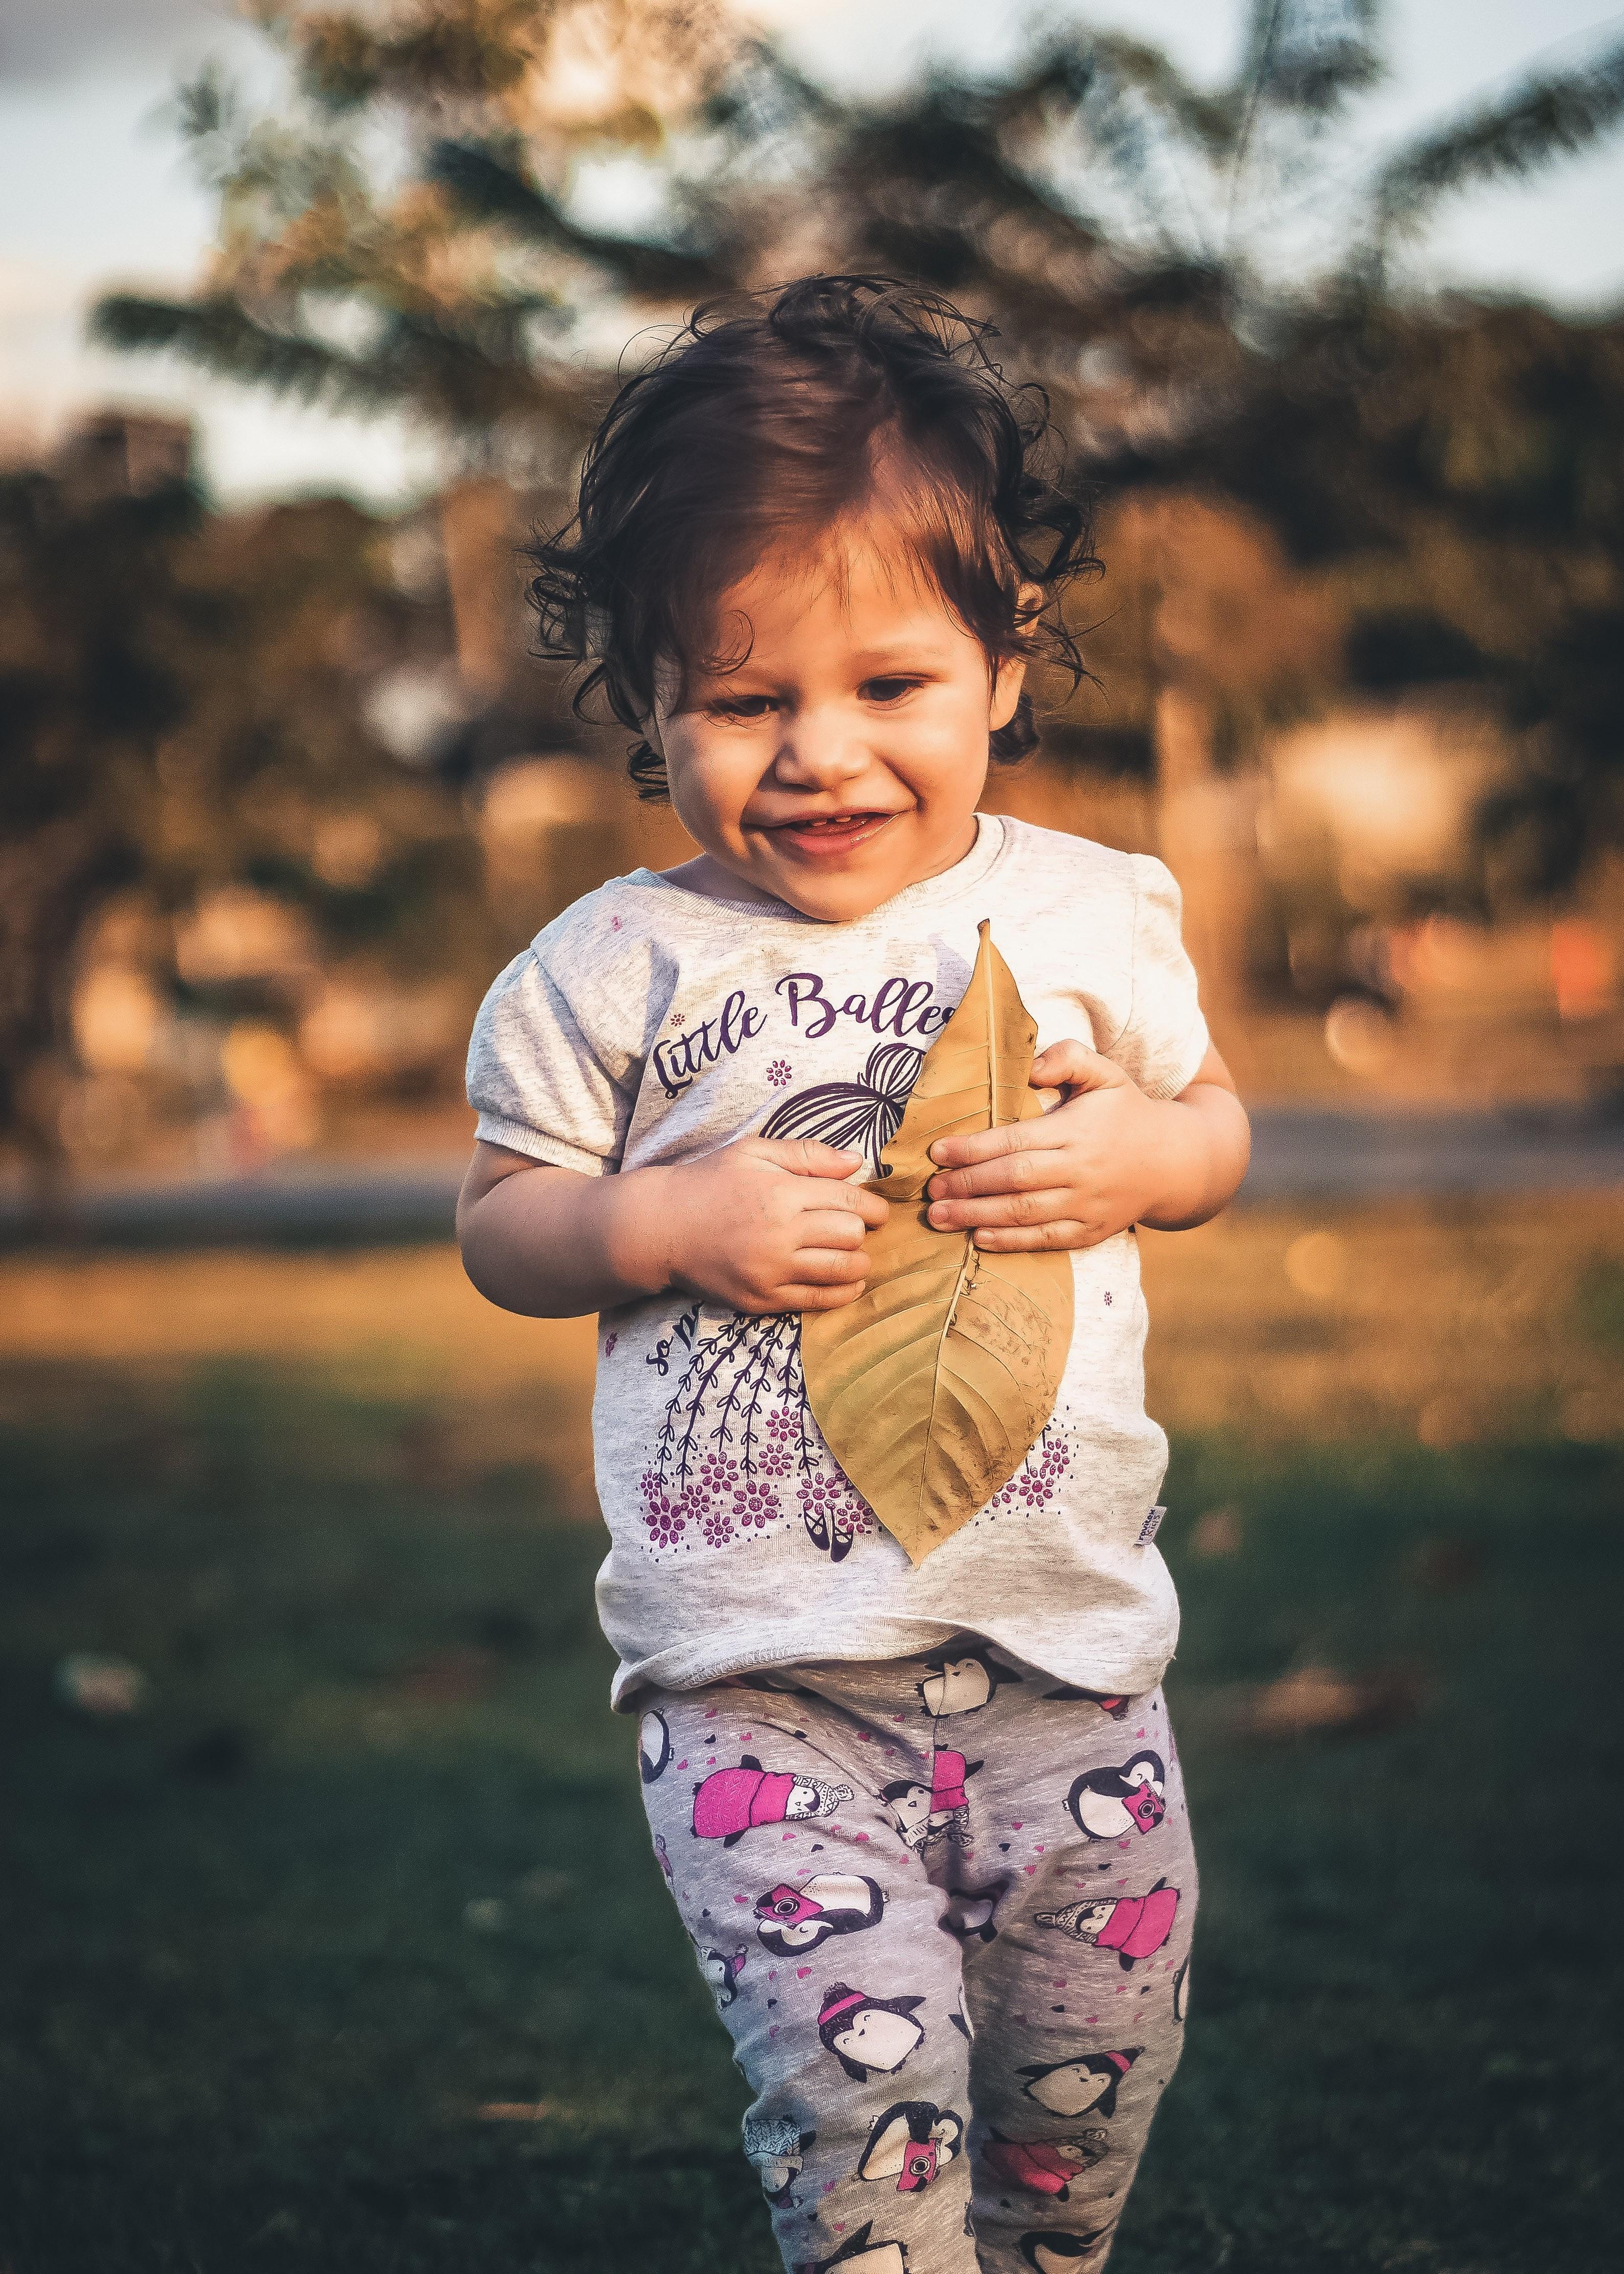 Что вырастет, то вырастет: самый честный детский гороскоп по знаку зодиака